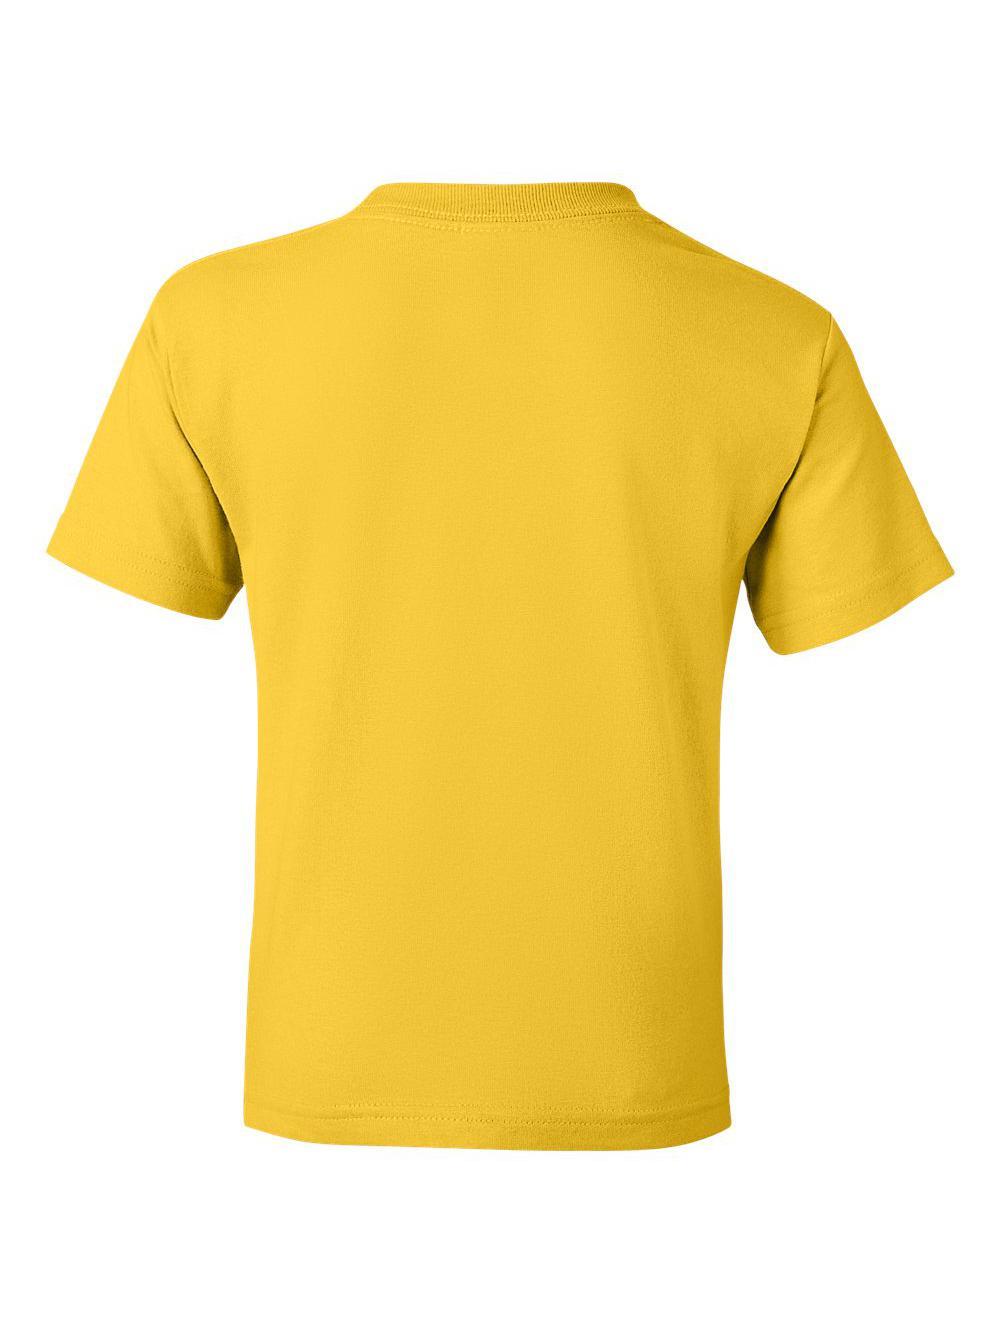 Gildan-DryBlend-Youth-50-50-T-Shirt-8000B thumbnail 16